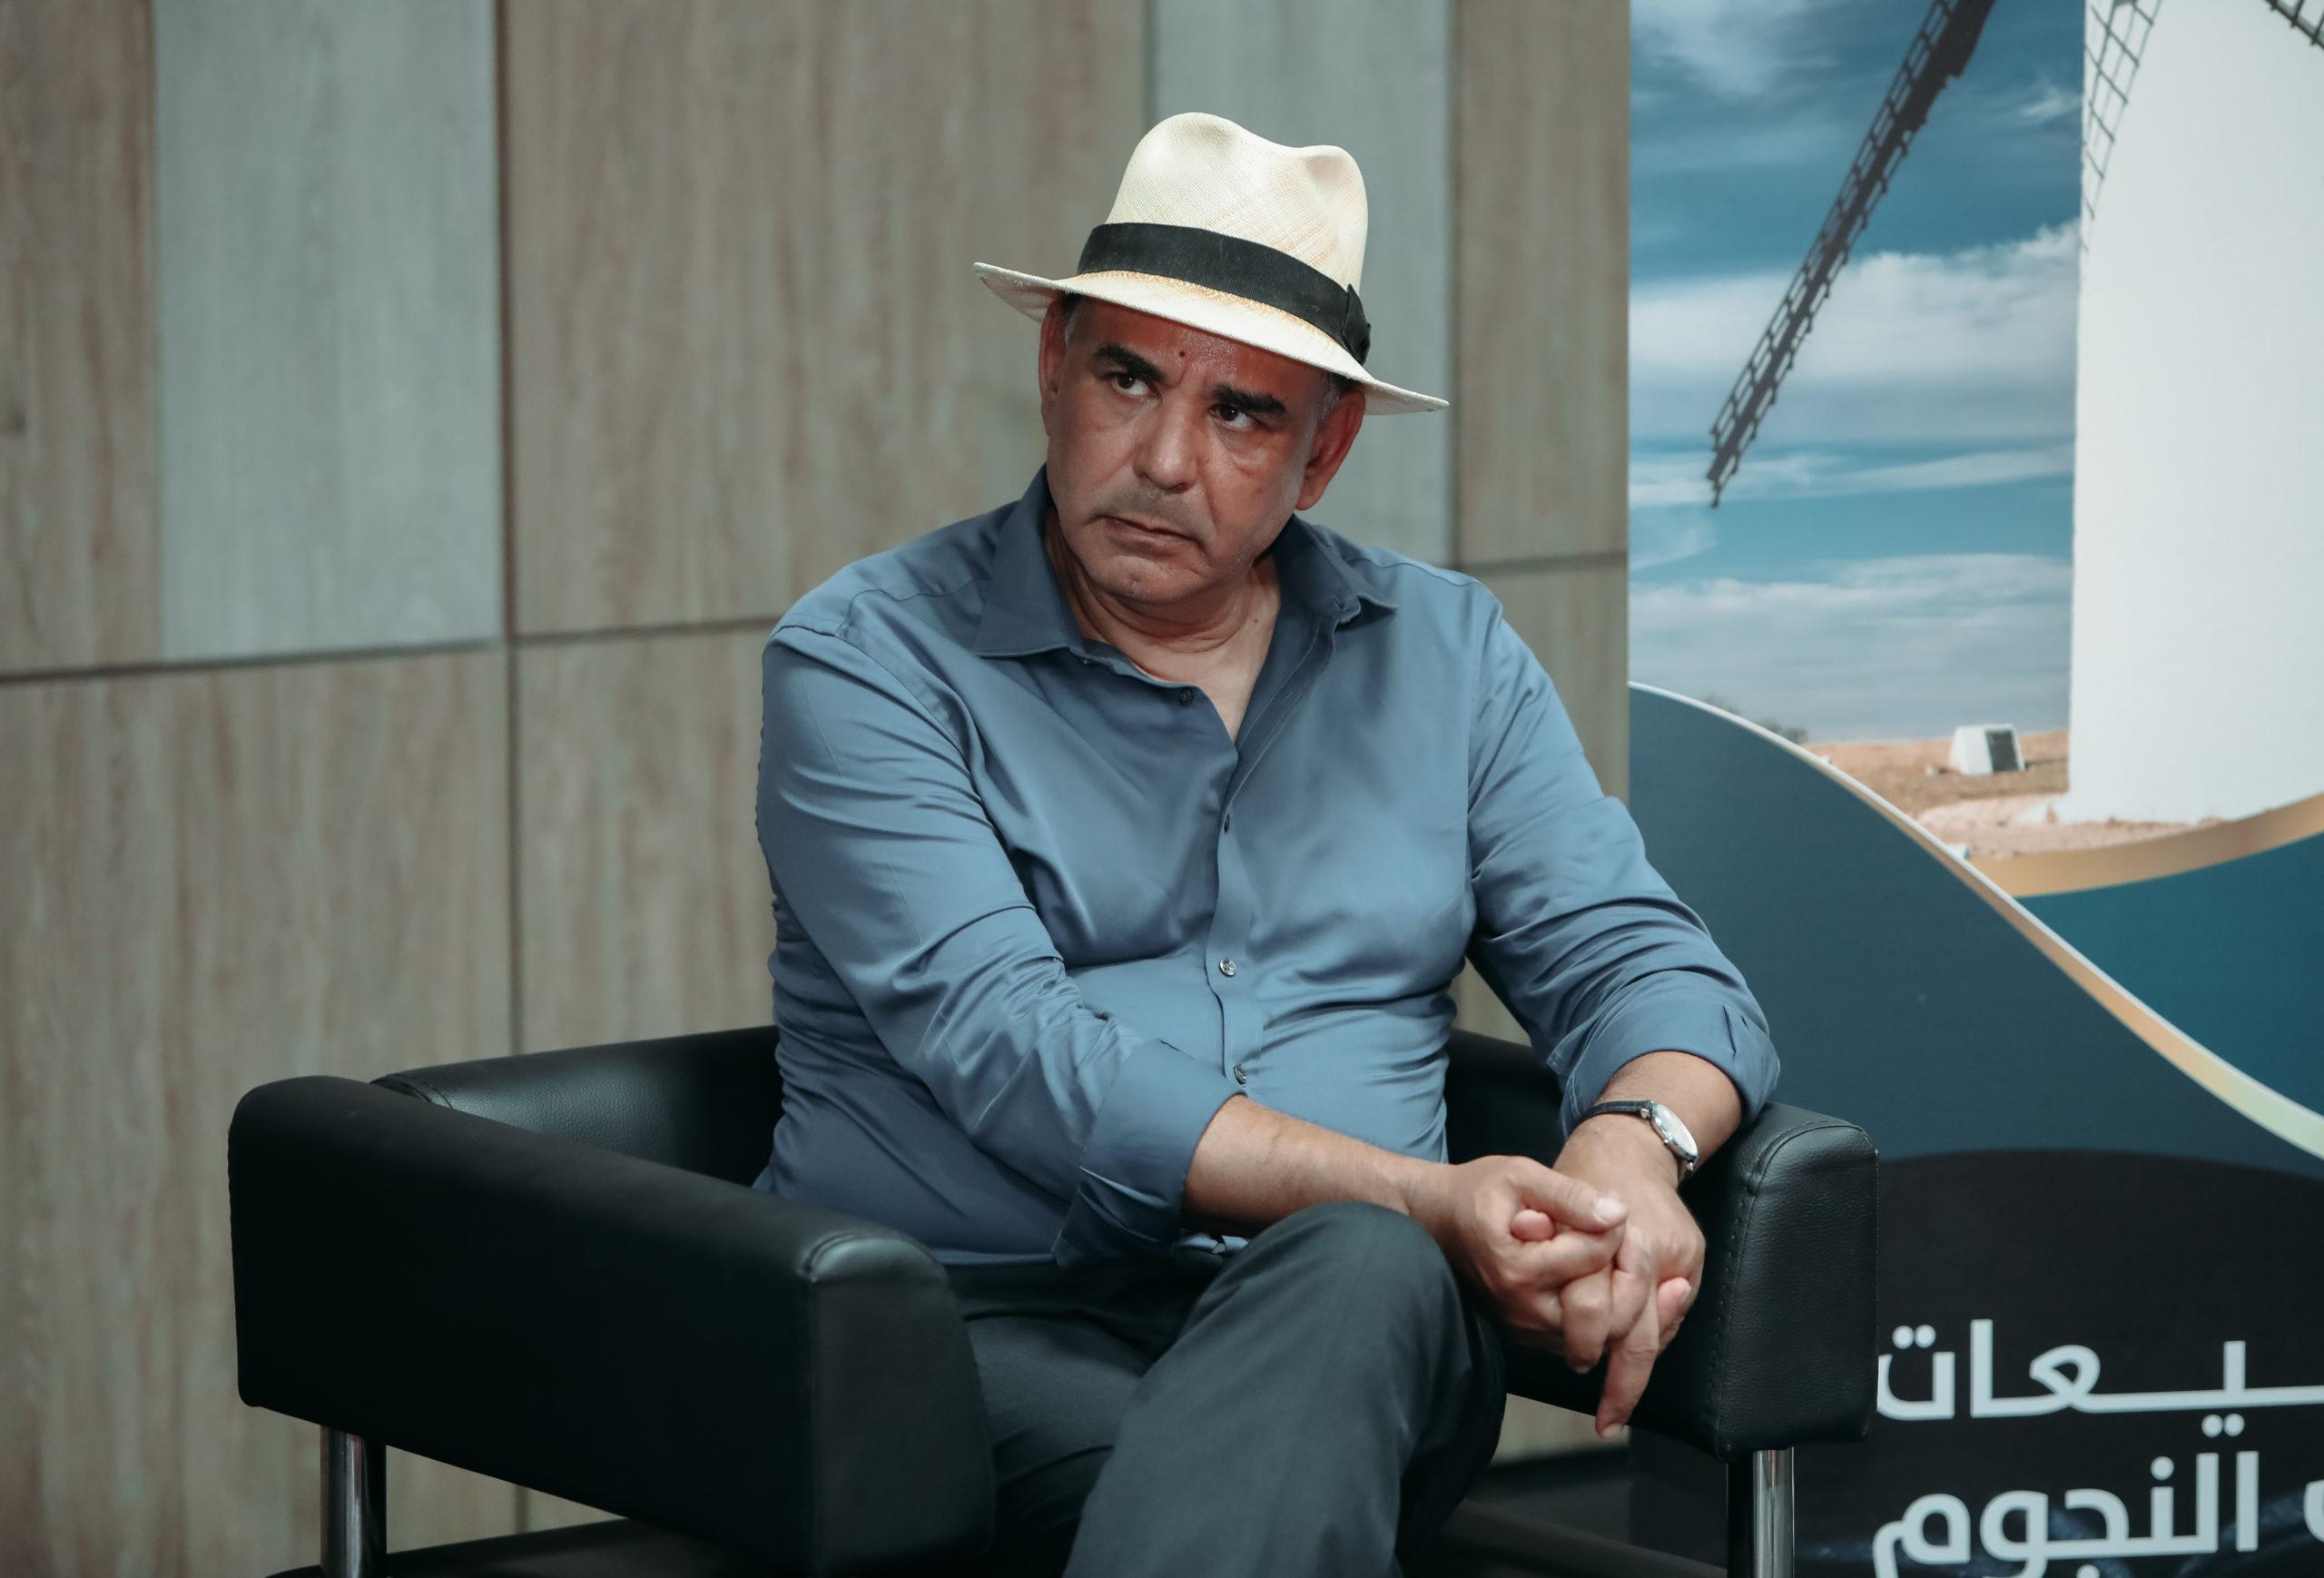 Photo of الإعلامي والكاتب ماهر عبد الرحمان يتحدث عن صراع دموي ويميط اللثام عن التهريب والمخدرات والقتل